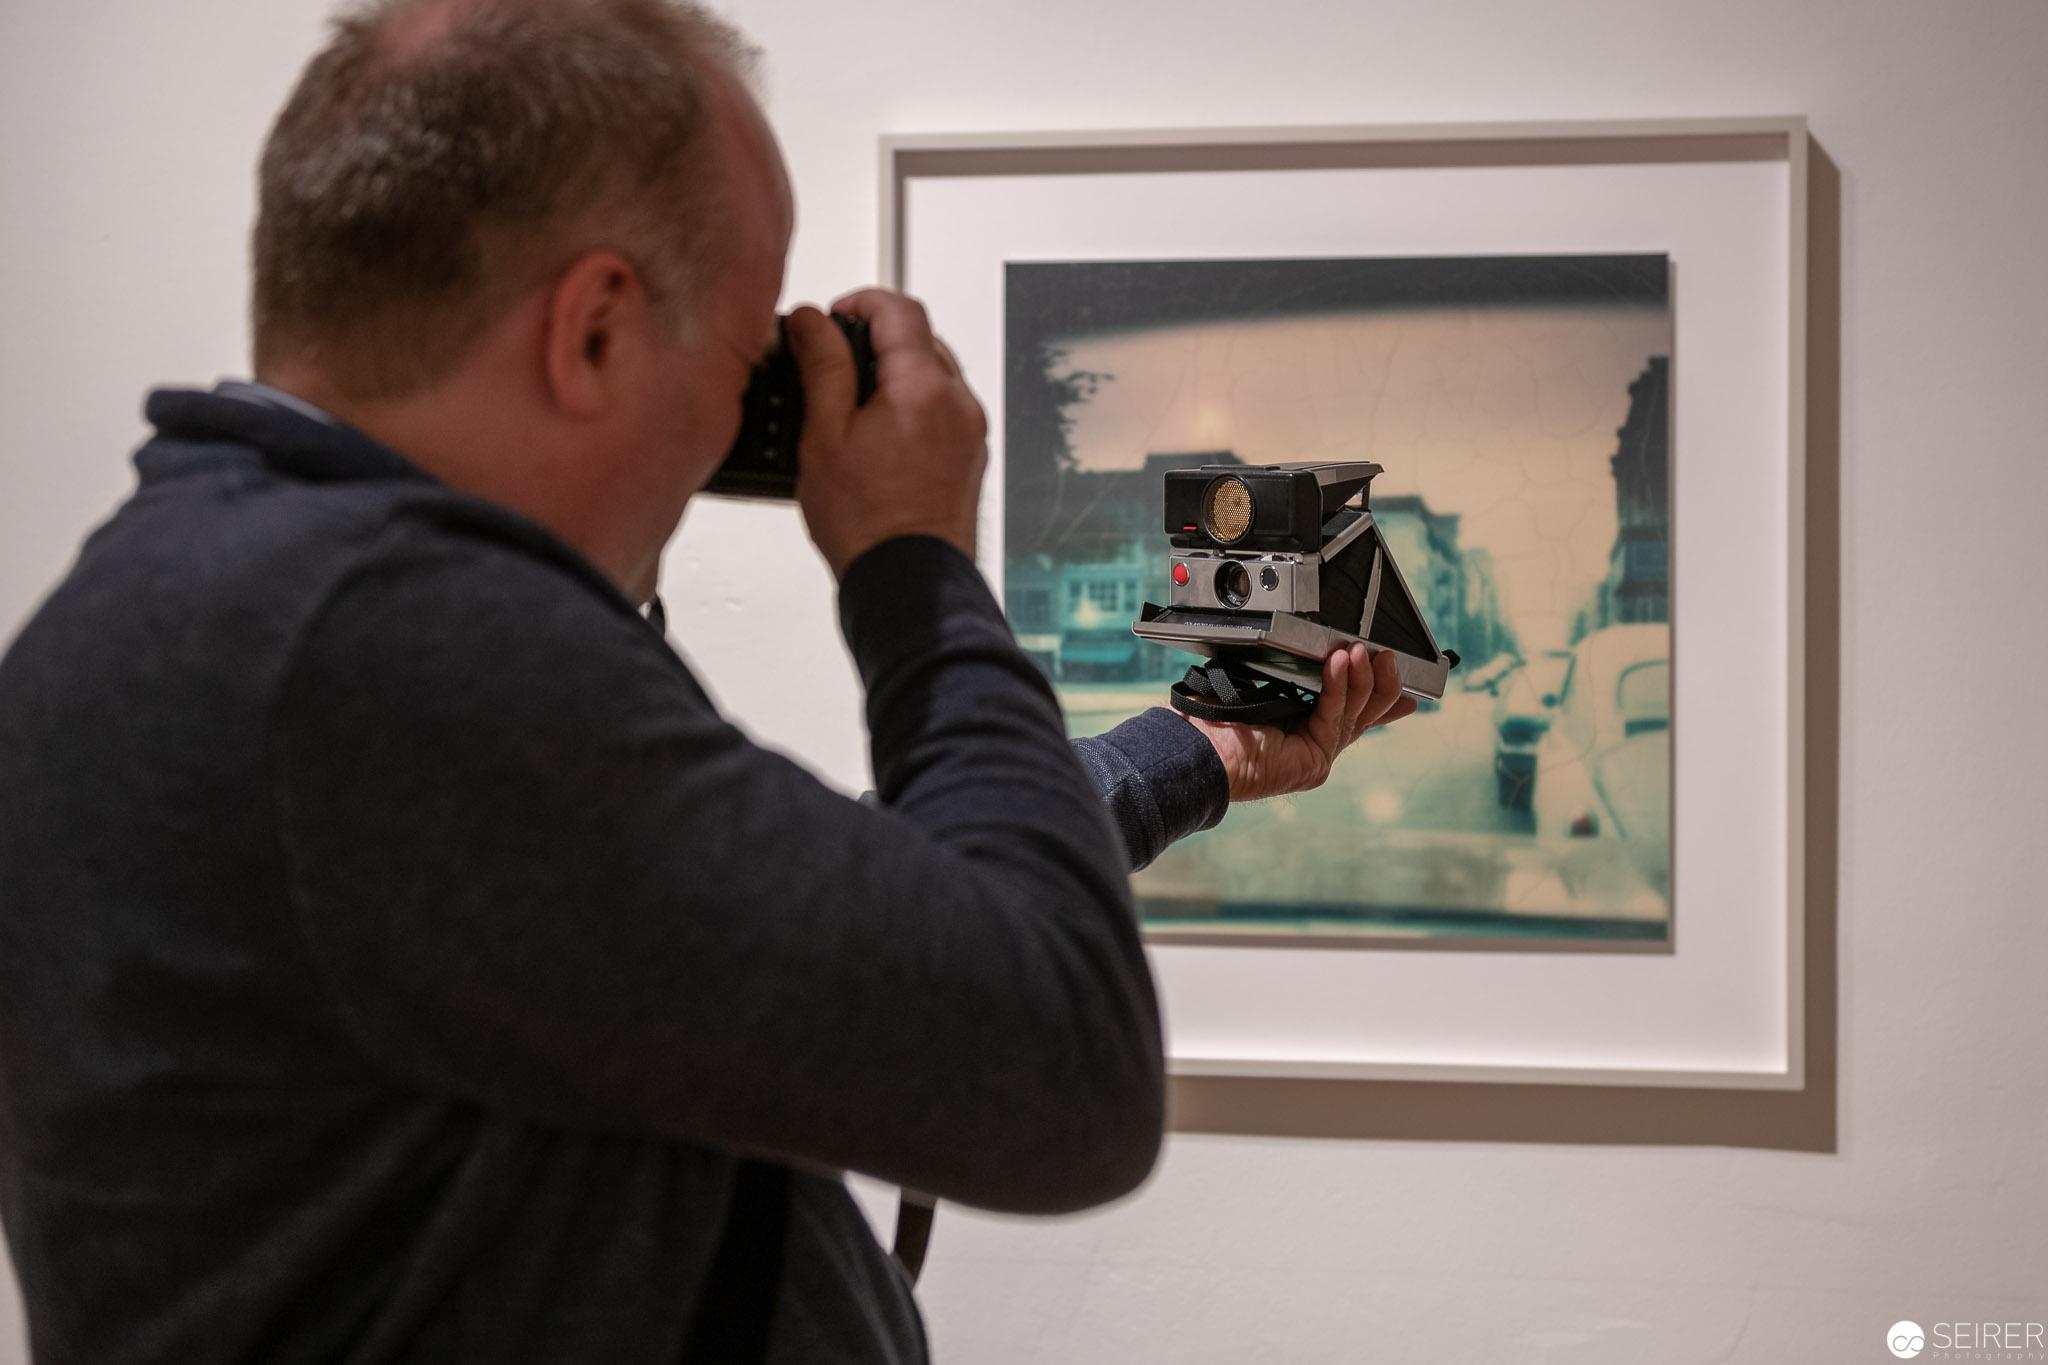 Eine Polaroid Kamera (hier eine SX-70) darf bei so einem Ausstellungsbesuch nicht fehlen